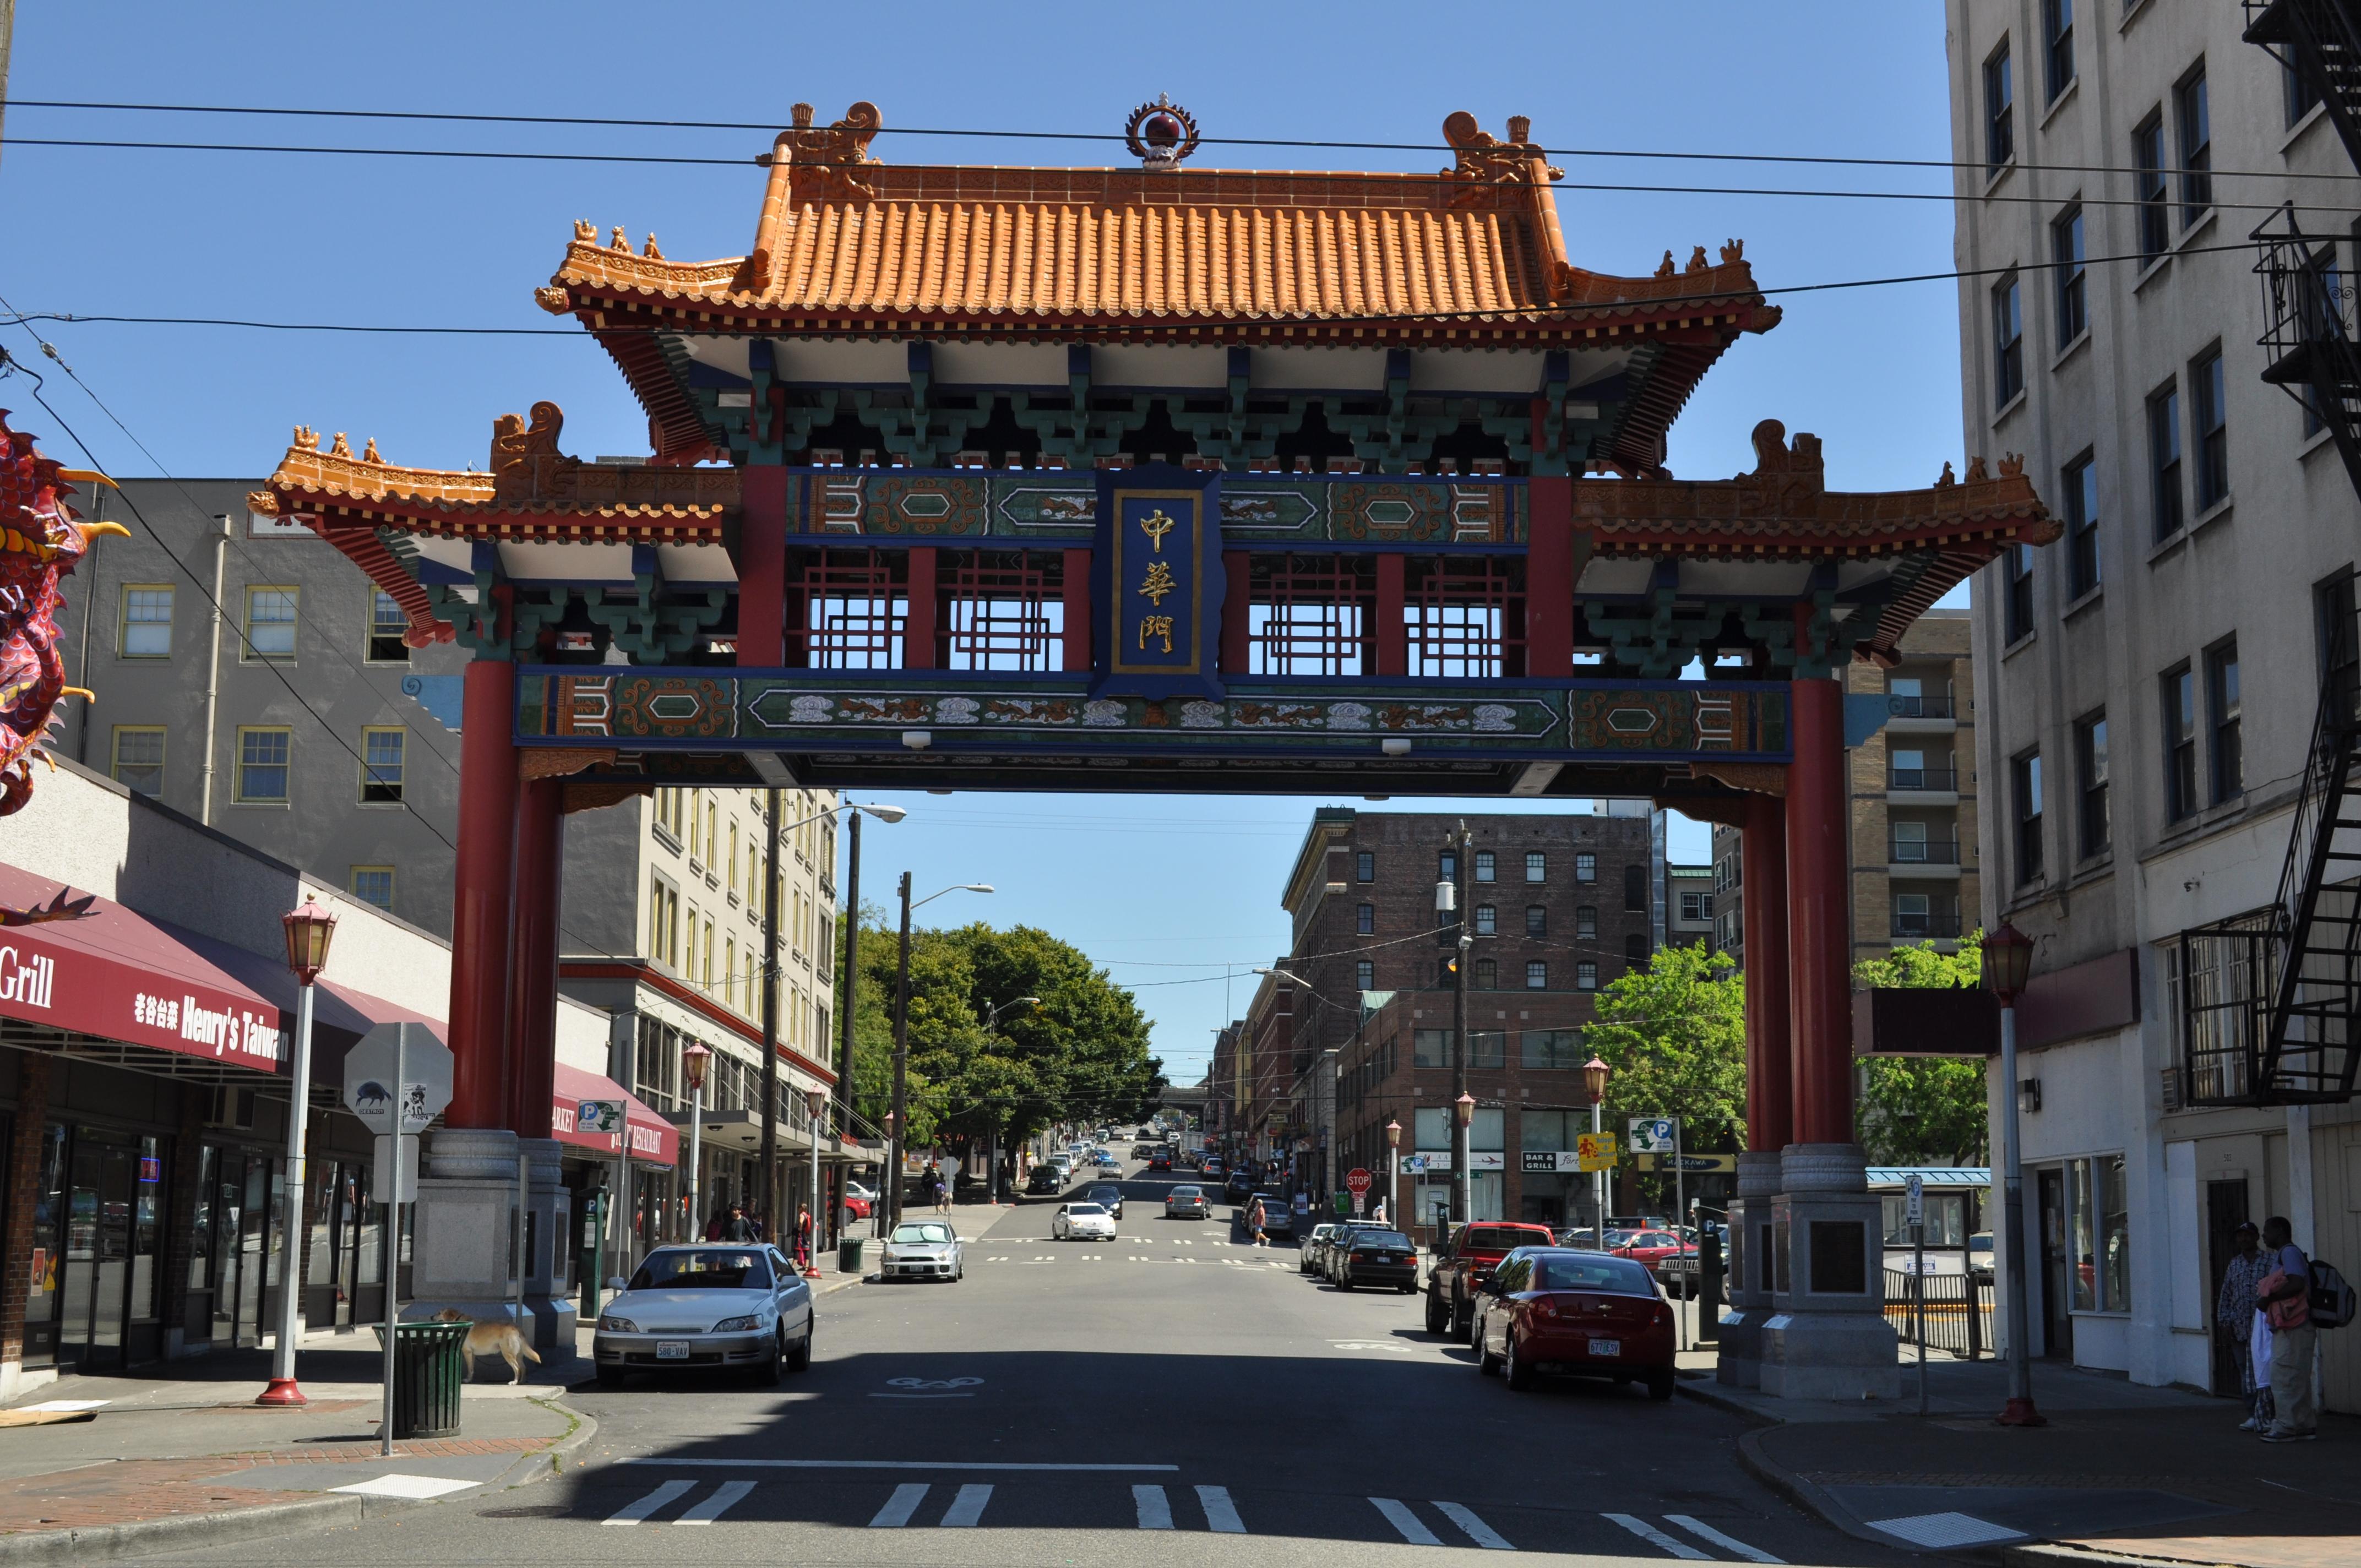 Chinatown New York Restaurant Reviews